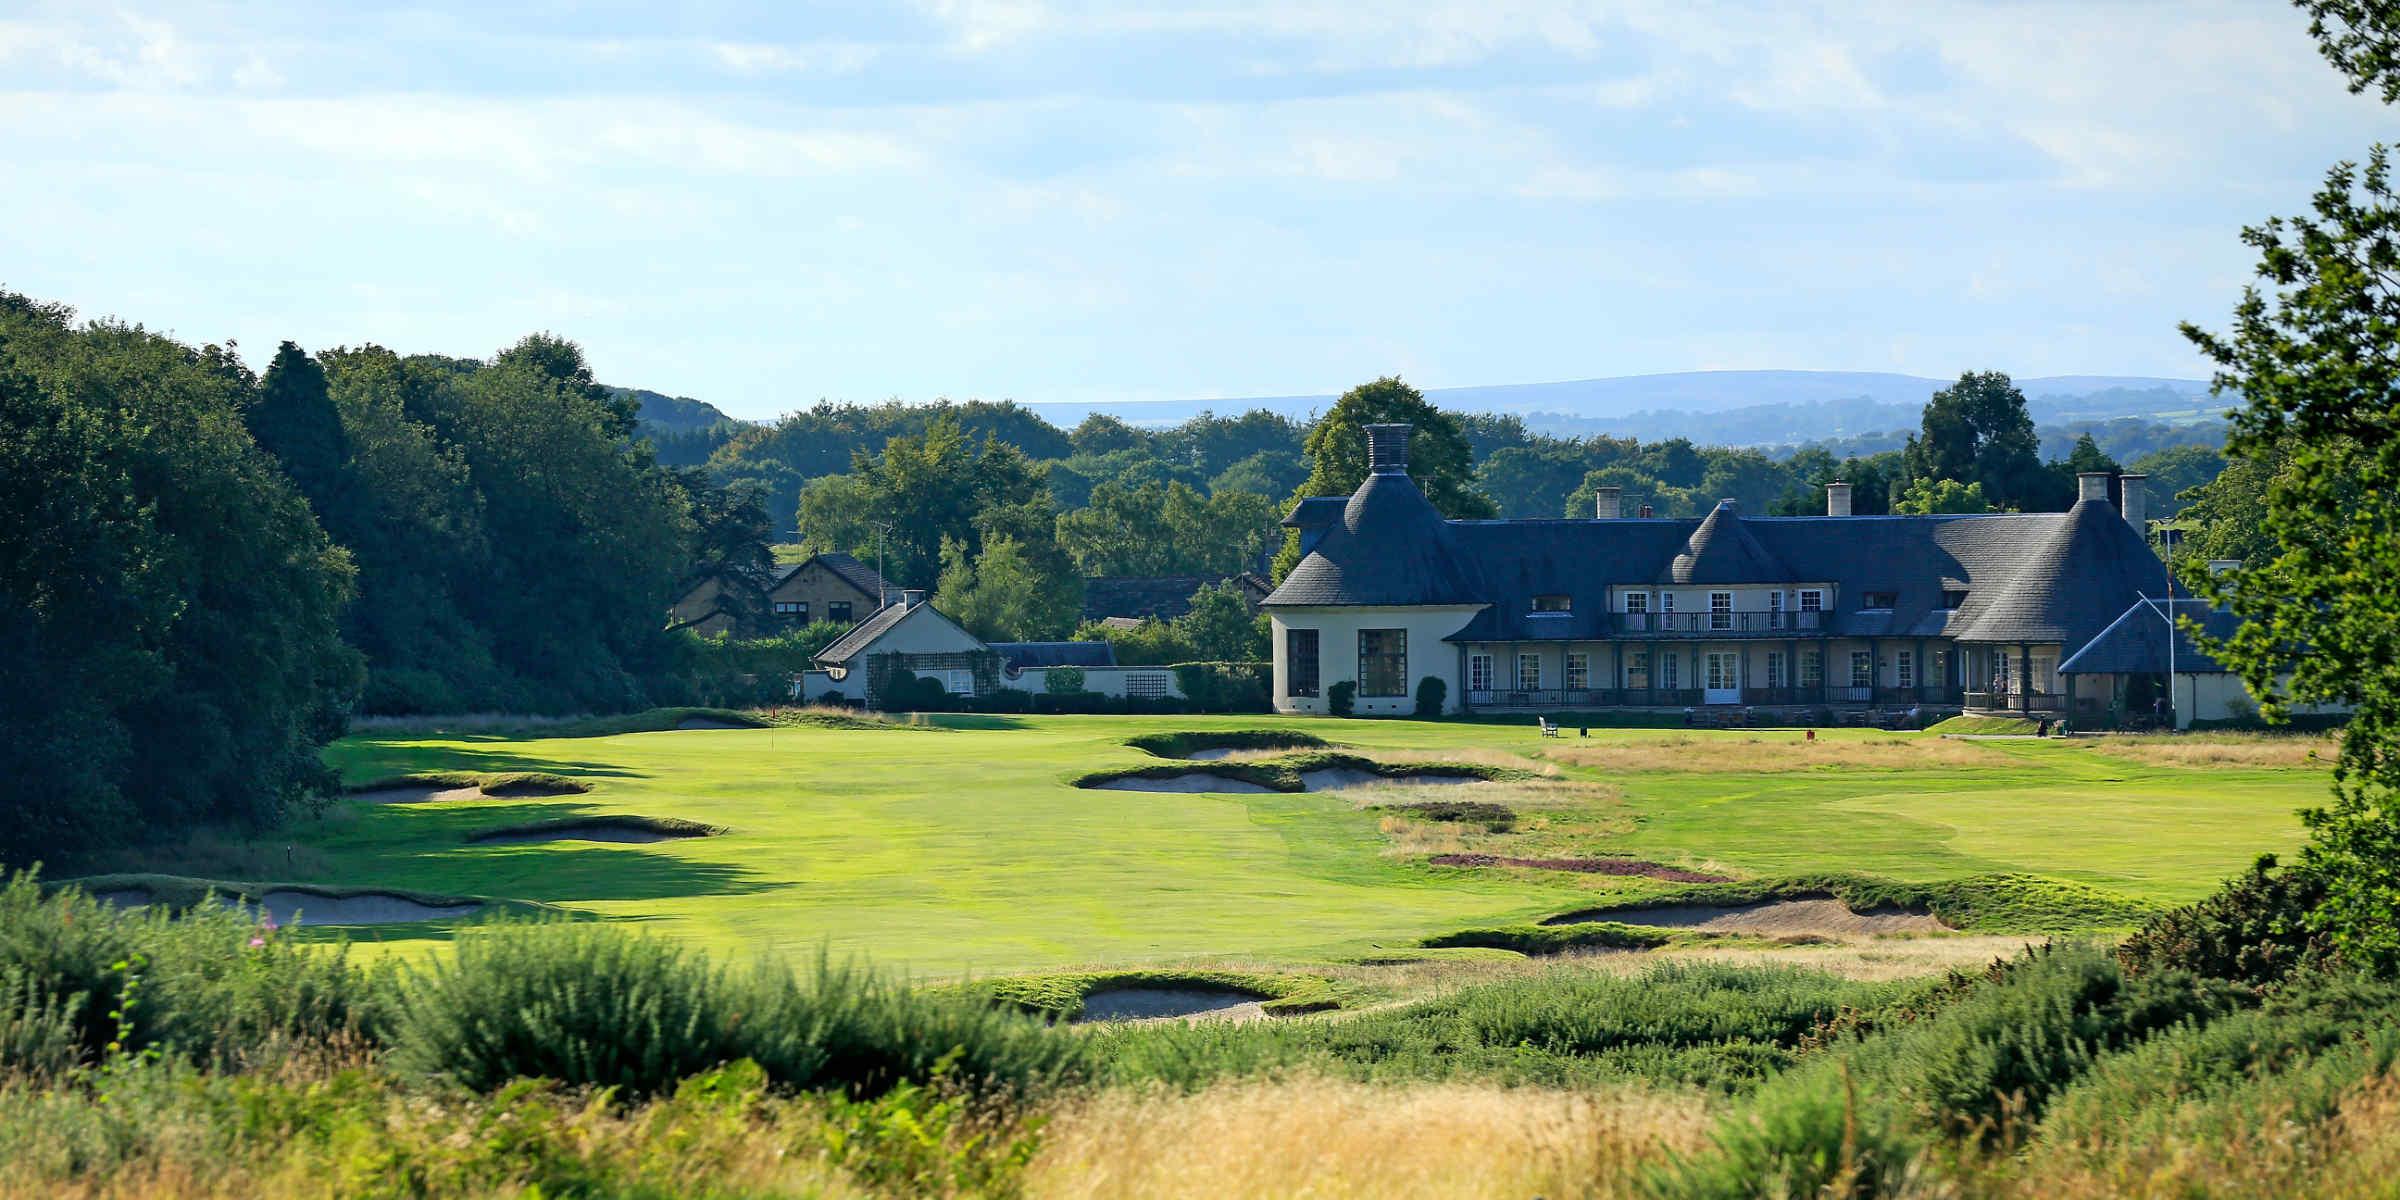 Alwoodley Golf Club 18th hole